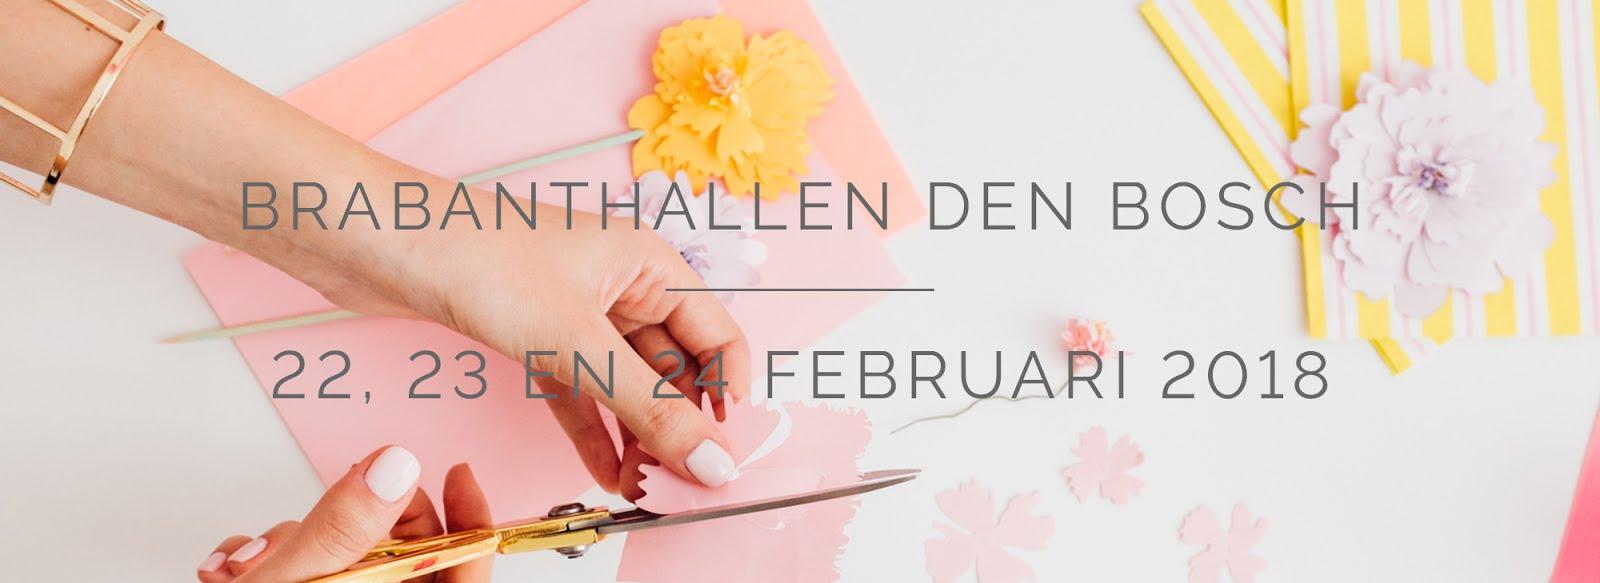 knotsgekkekaartendagen.nl